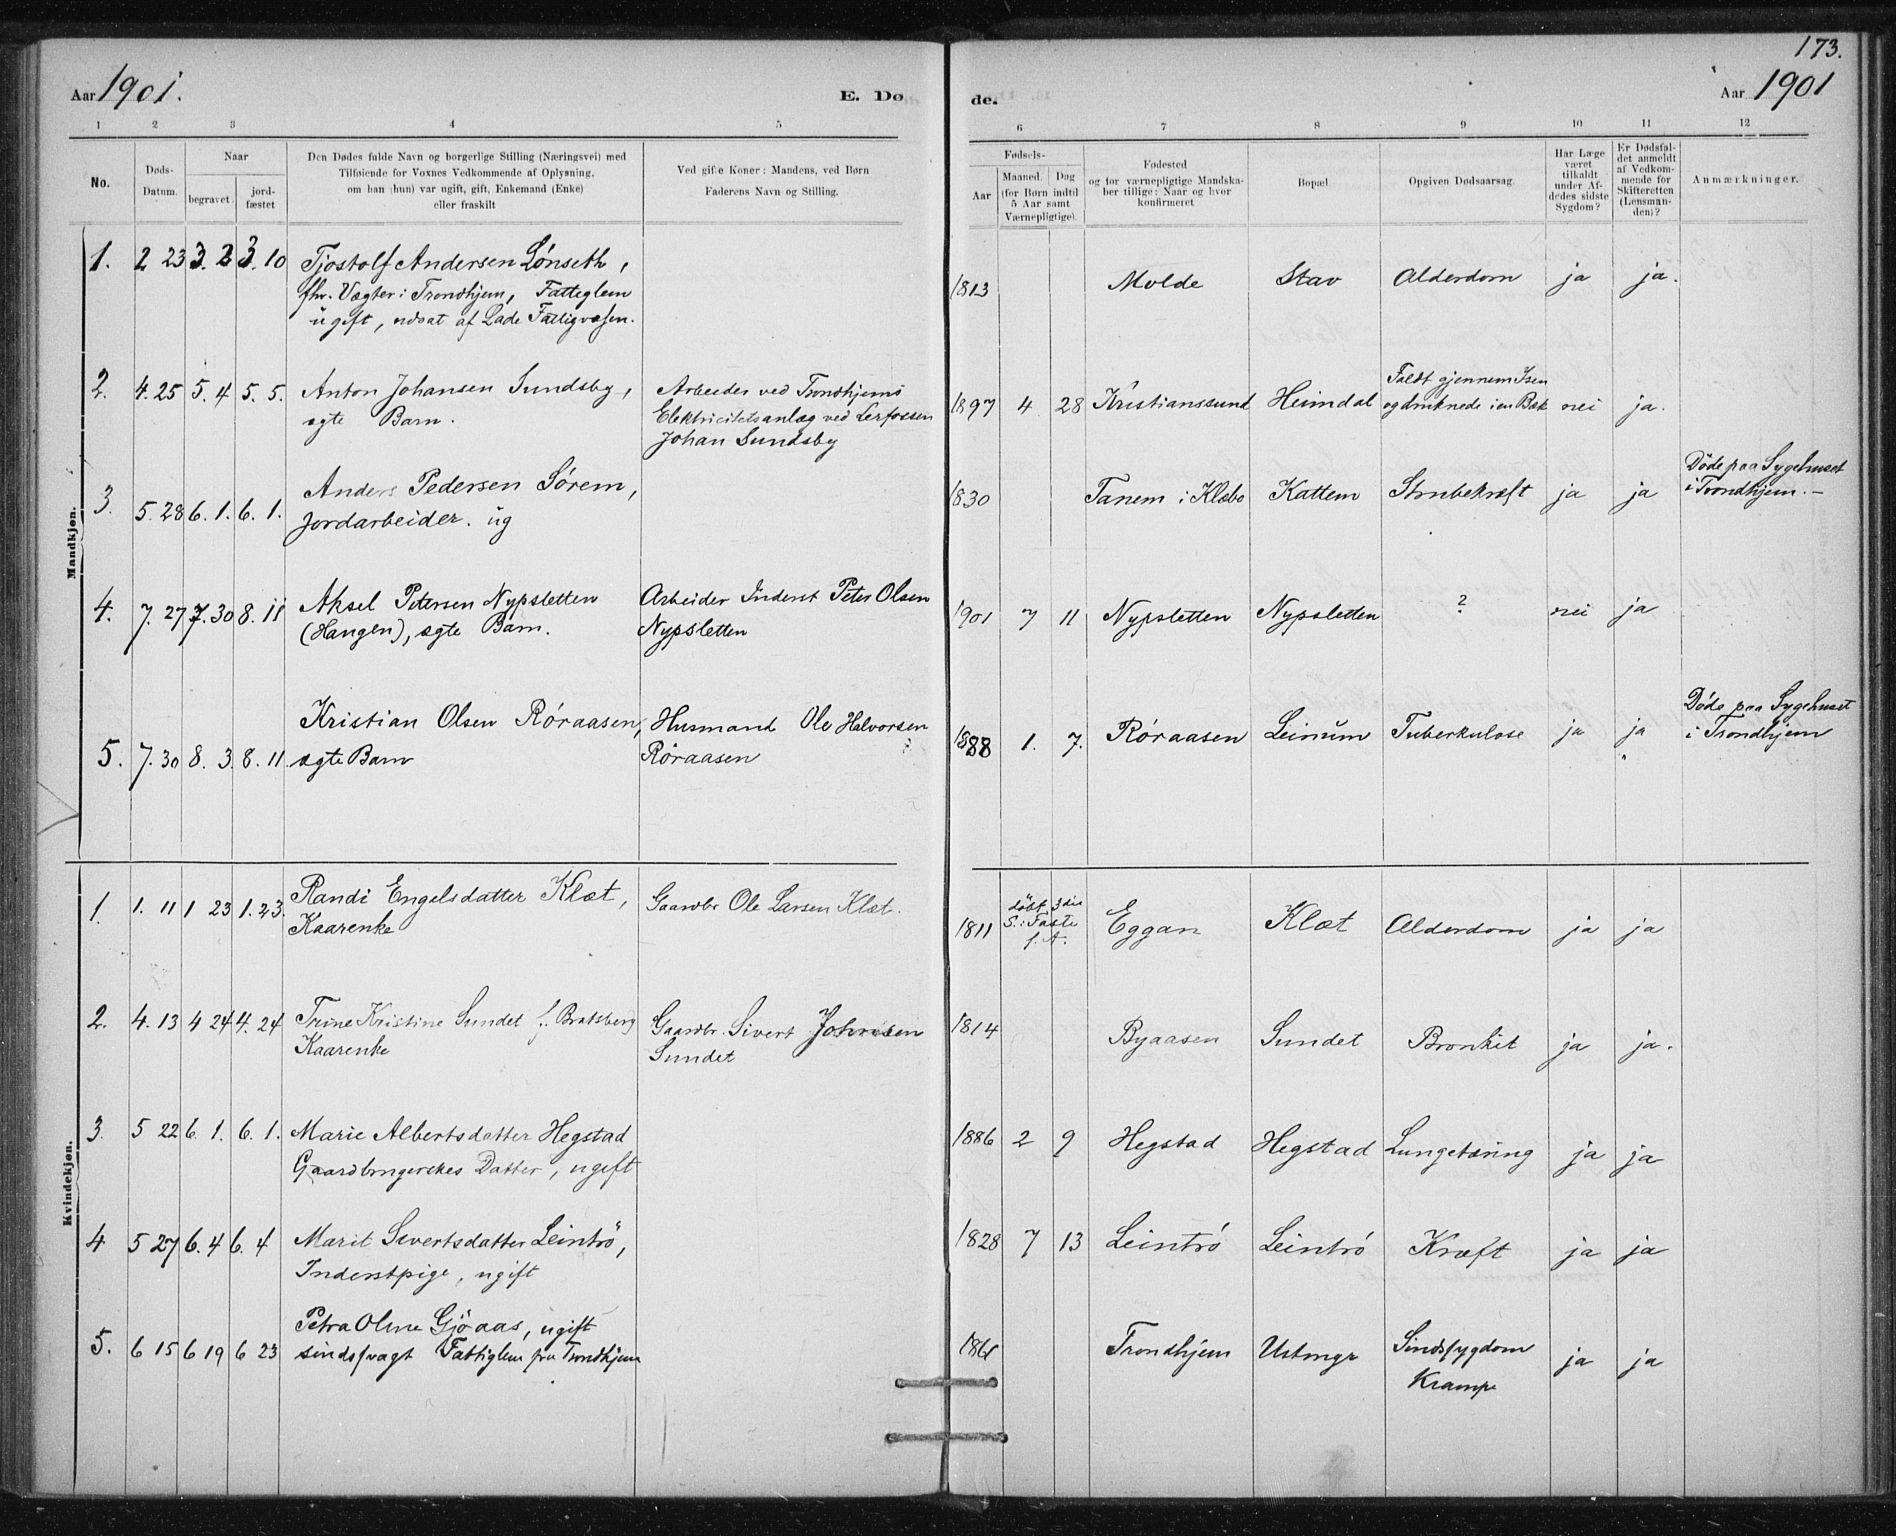 SAT, Ministerialprotokoller, klokkerbøker og fødselsregistre - Sør-Trøndelag, 613/L0392: Ministerialbok nr. 613A01, 1887-1906, s. 173